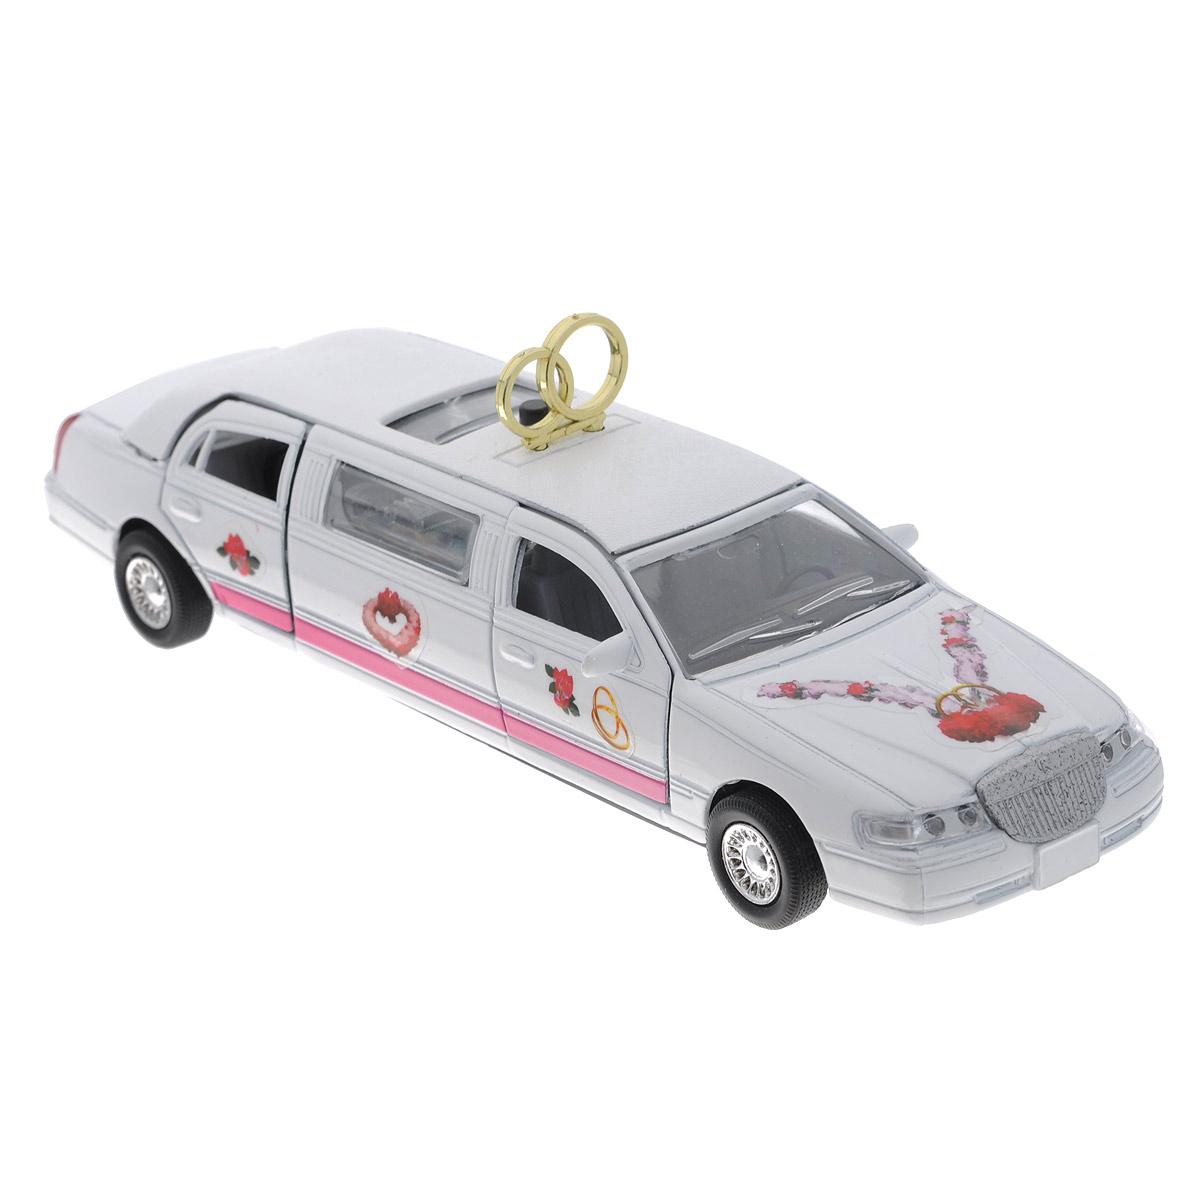 ТехноПарк Свадебный лимузин инерционныйCT10-105-LМашинка ТехноПарк Свадебный лимузин, выполненная из пластика и металла в виде лимузина, станет любимой игрушкой вашего малыша. Игрушка представляет собой модель роскошного свадебного лимузина. Передние и задние дверцы, а также люк на крыше открываются. При нажатии кнопки на крыше машинки подсвечивается салон и звучит веселая мелодия или звук работающего двигателя. Игрушка оснащена инерционным ходом. Машинку необходимо отвести назад, затем отпустить - и она быстро поедет вперед. Прорезиненные колеса обеспечивают надежное сцепление с любой гладкой поверхностью. Ваш ребенок будет часами играть с этой игрушкой, придумывая различные истории. Порадуйте его таким замечательным подарком! Машинка работает от батареек (товар комплектуется демонстрационными).